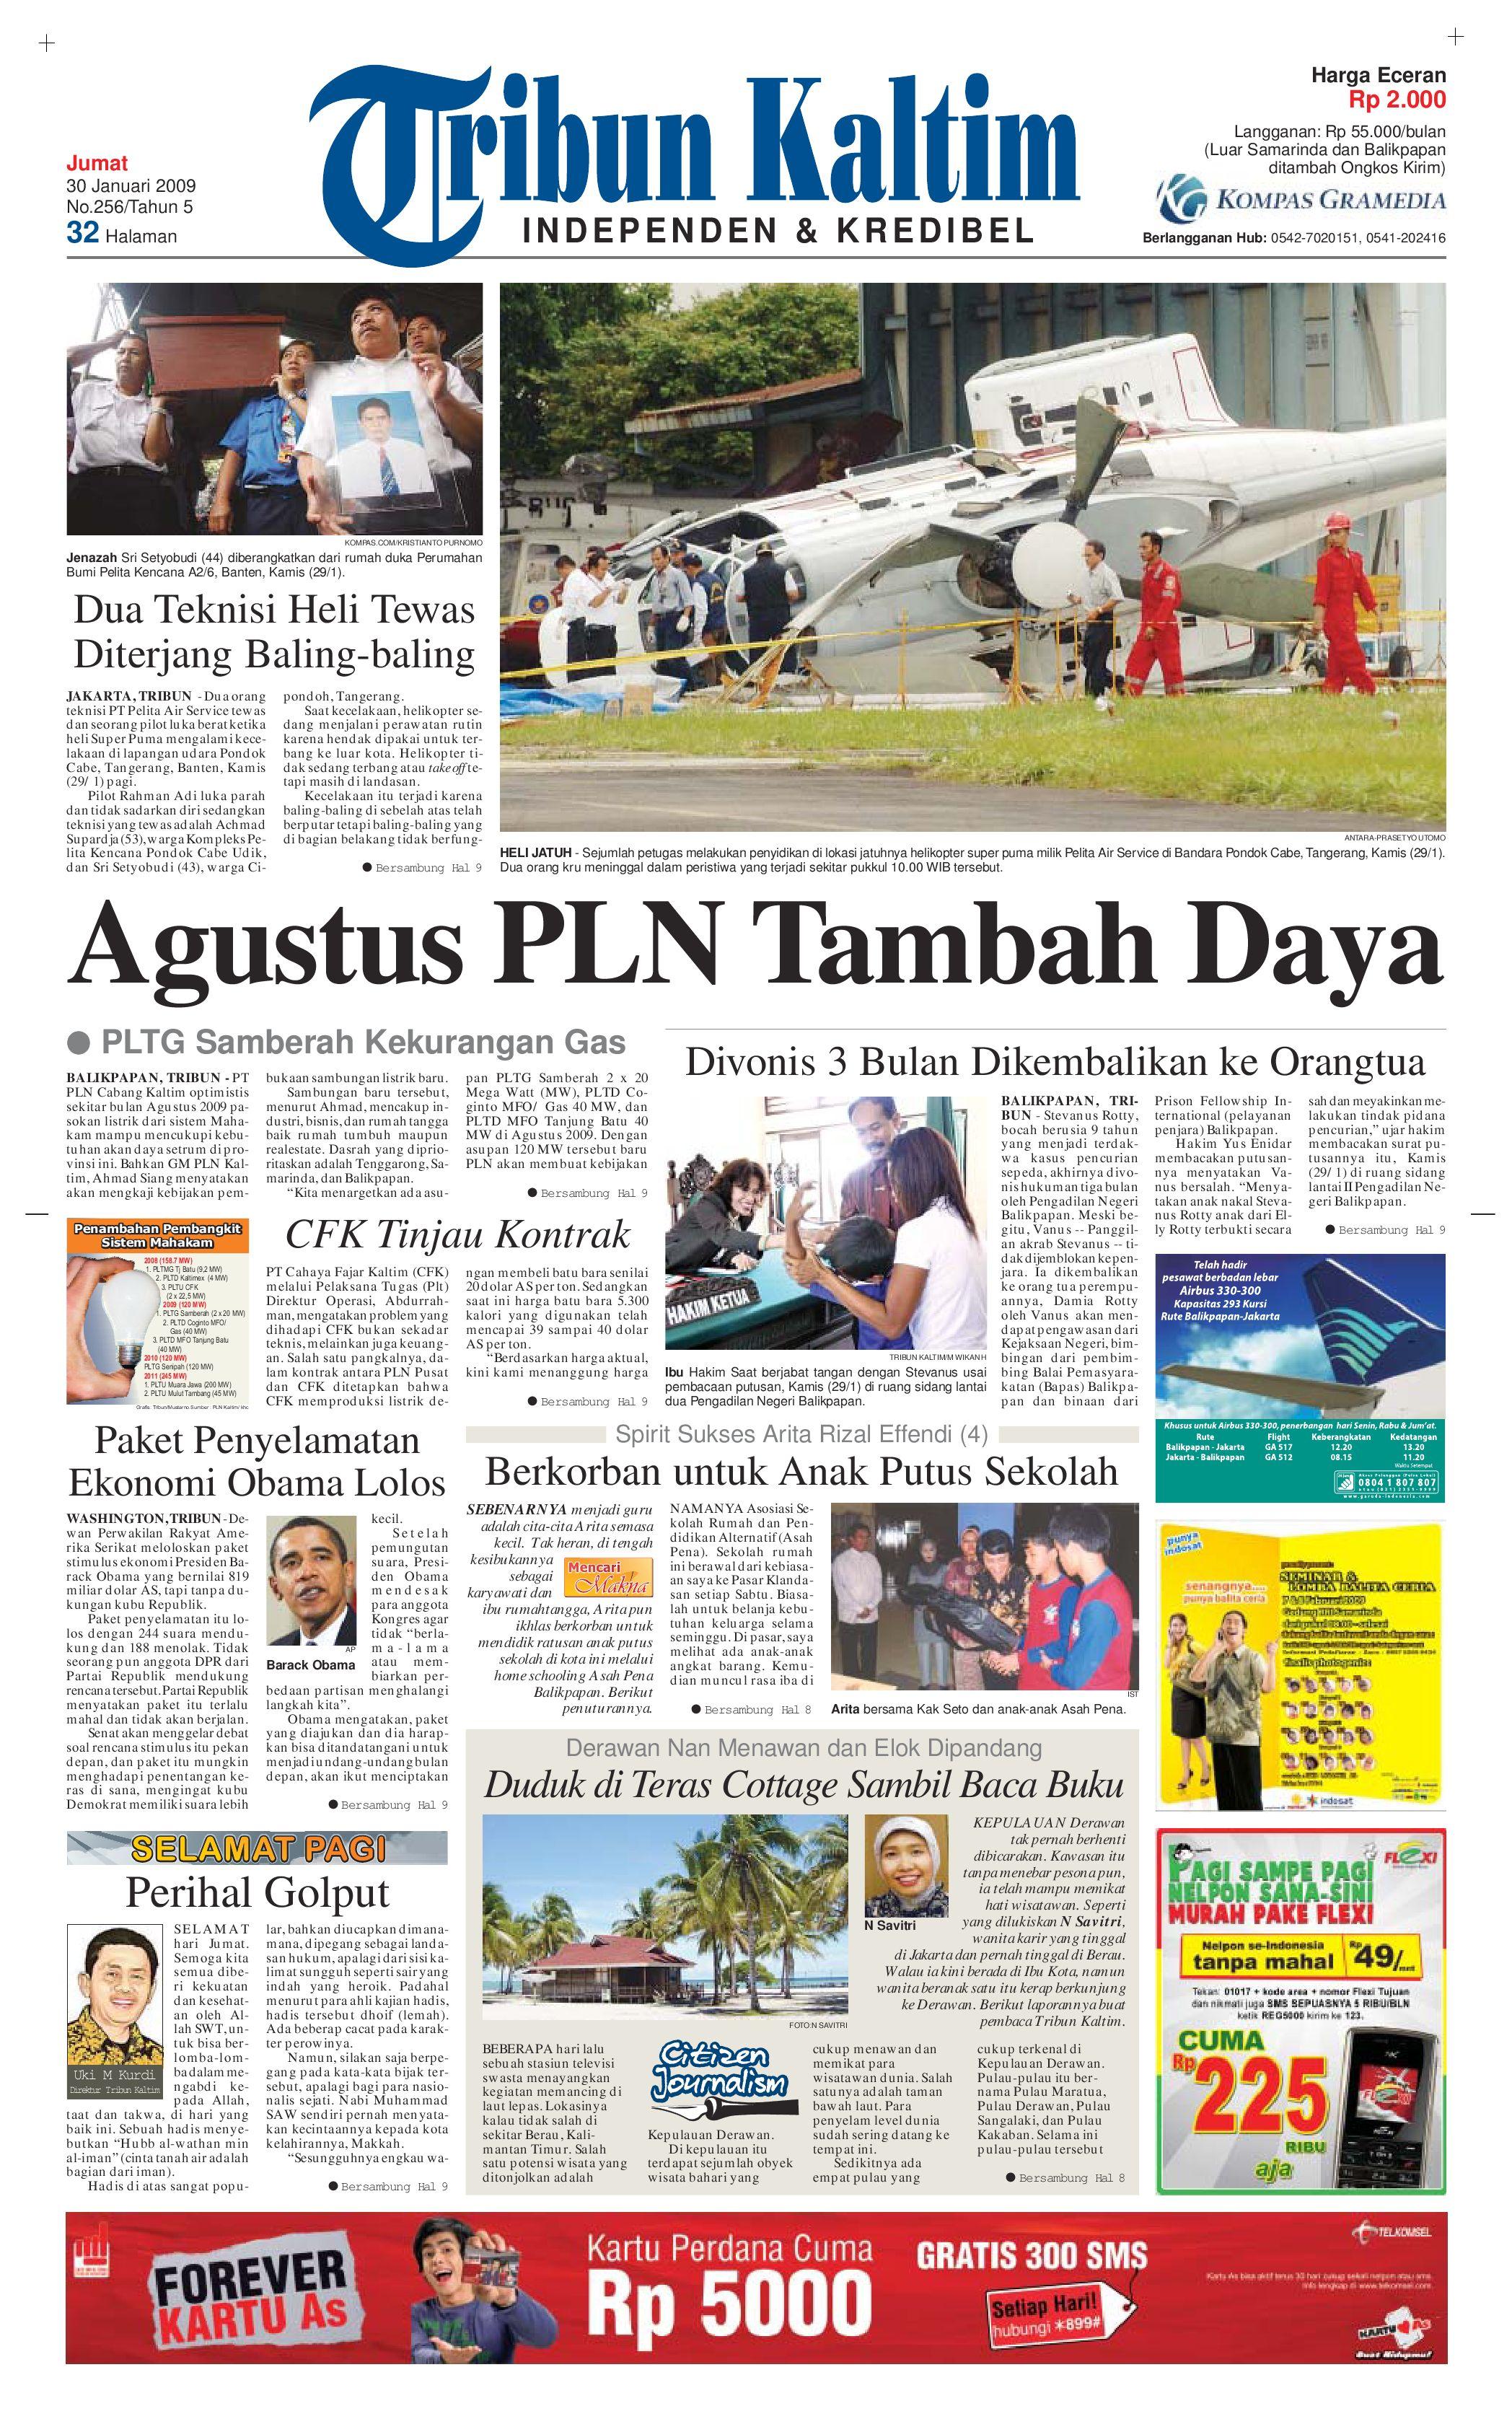 TRIBUN KALTIM 30 JANUARI 2009 by tohir tribun - issuu 7debf80d79